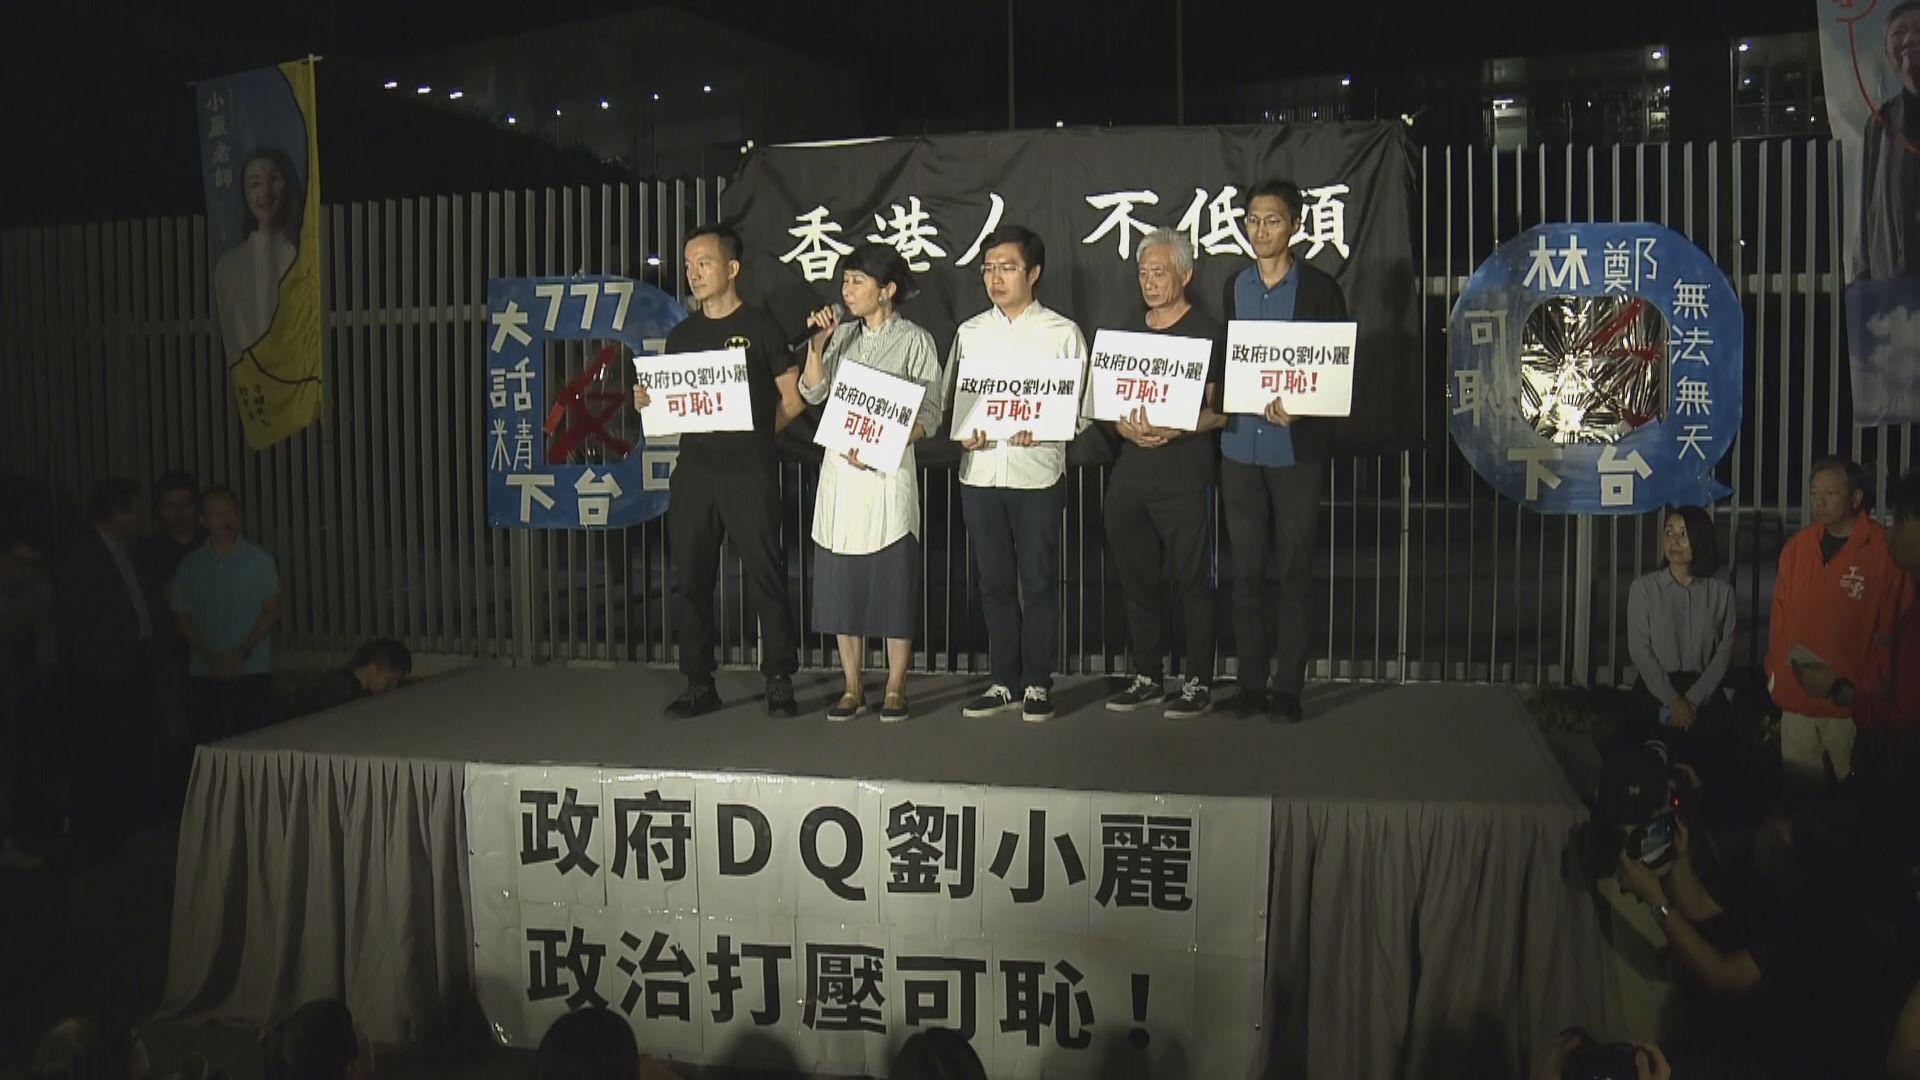 團體抗議劉小麗參選提名被裁定無效